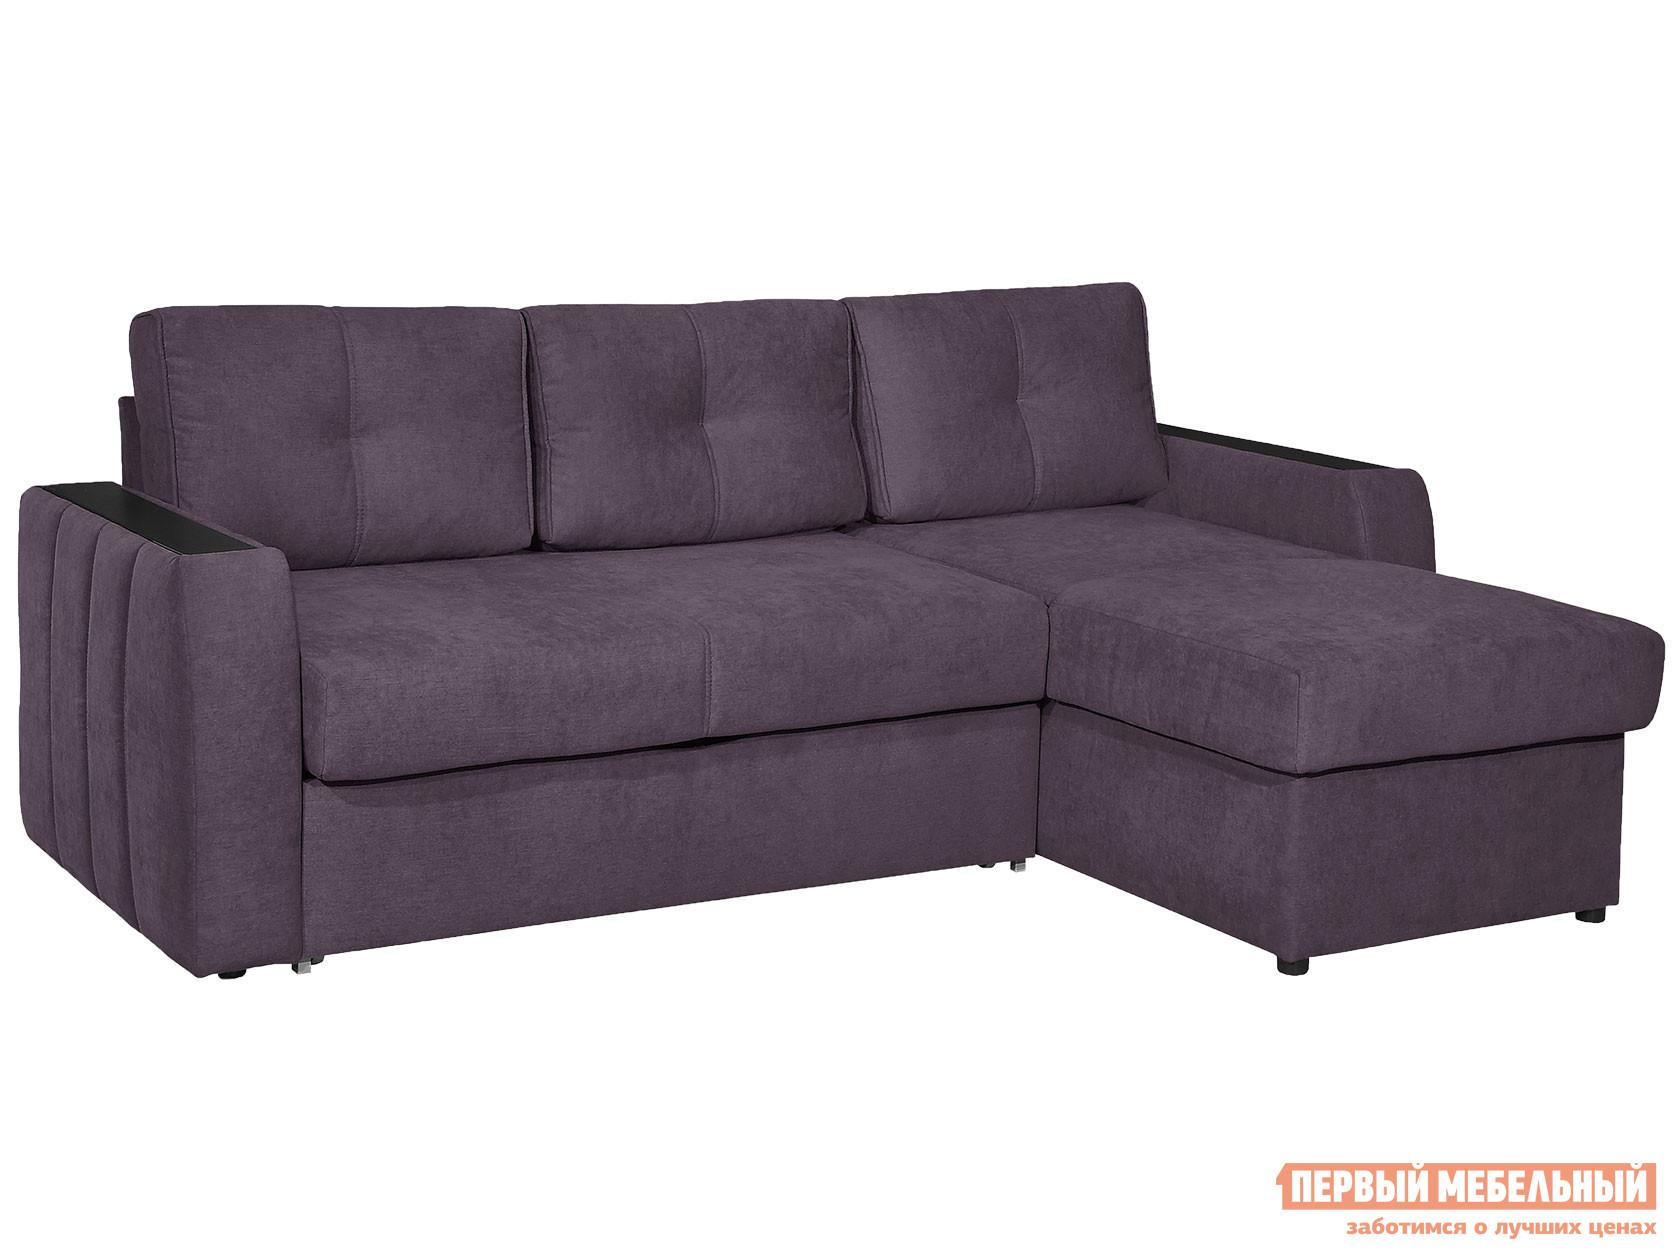 Угловой диван Первый Мебельный Диван Бостон Люкс угловой чехол для углового дивана первый мебельный чехол на диван угловой стамбул